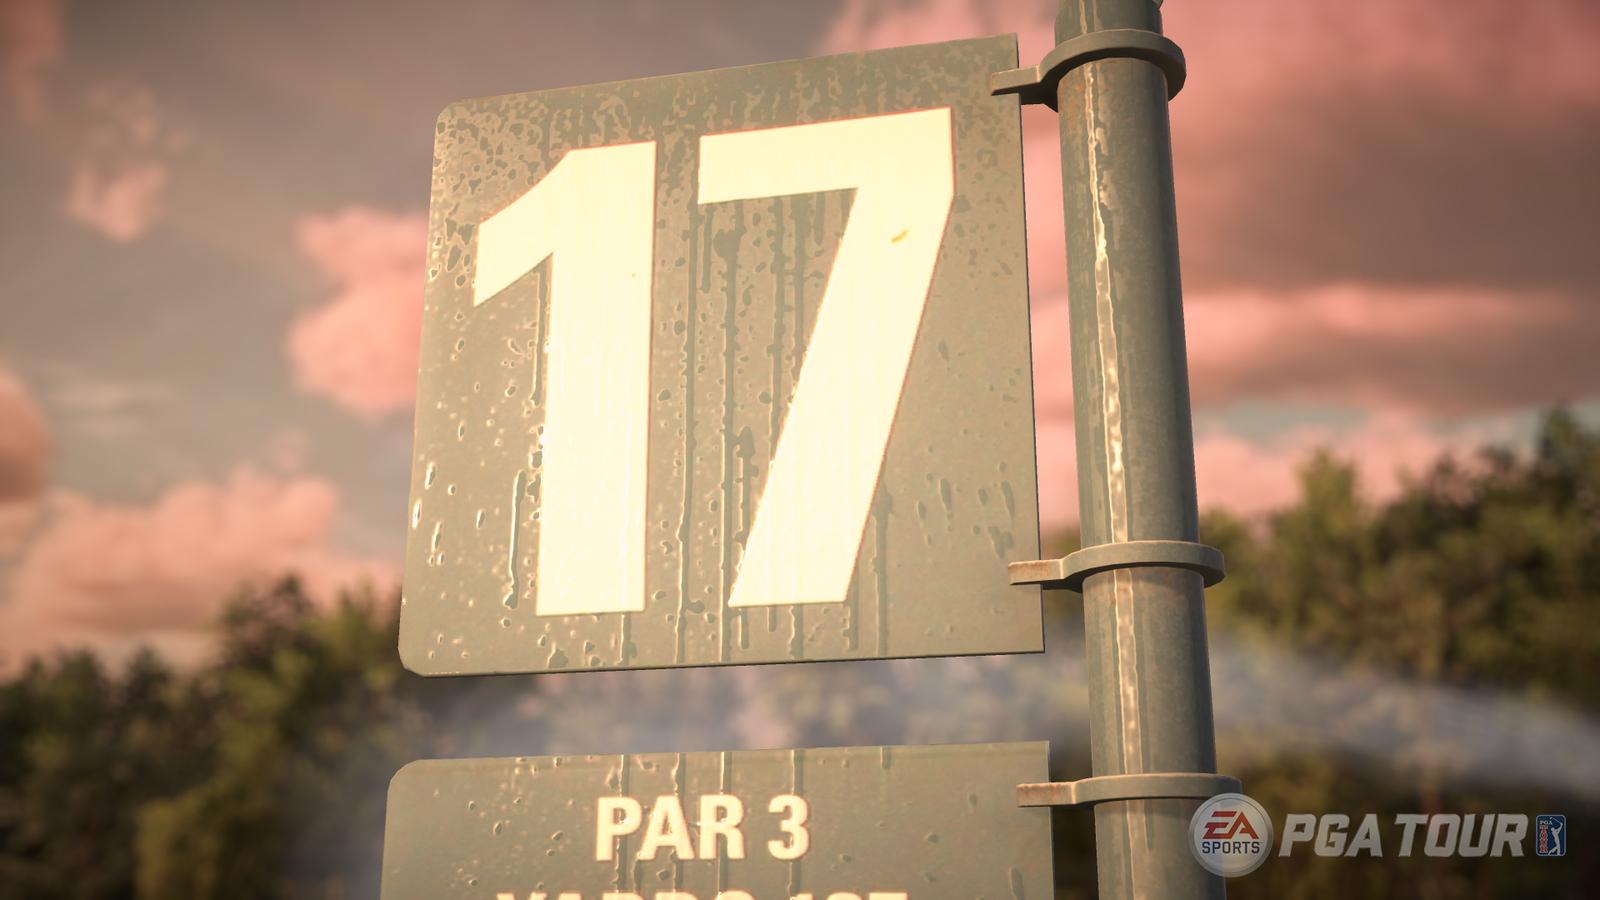 Rory Mcllroy PGA Tour for Xbox One image